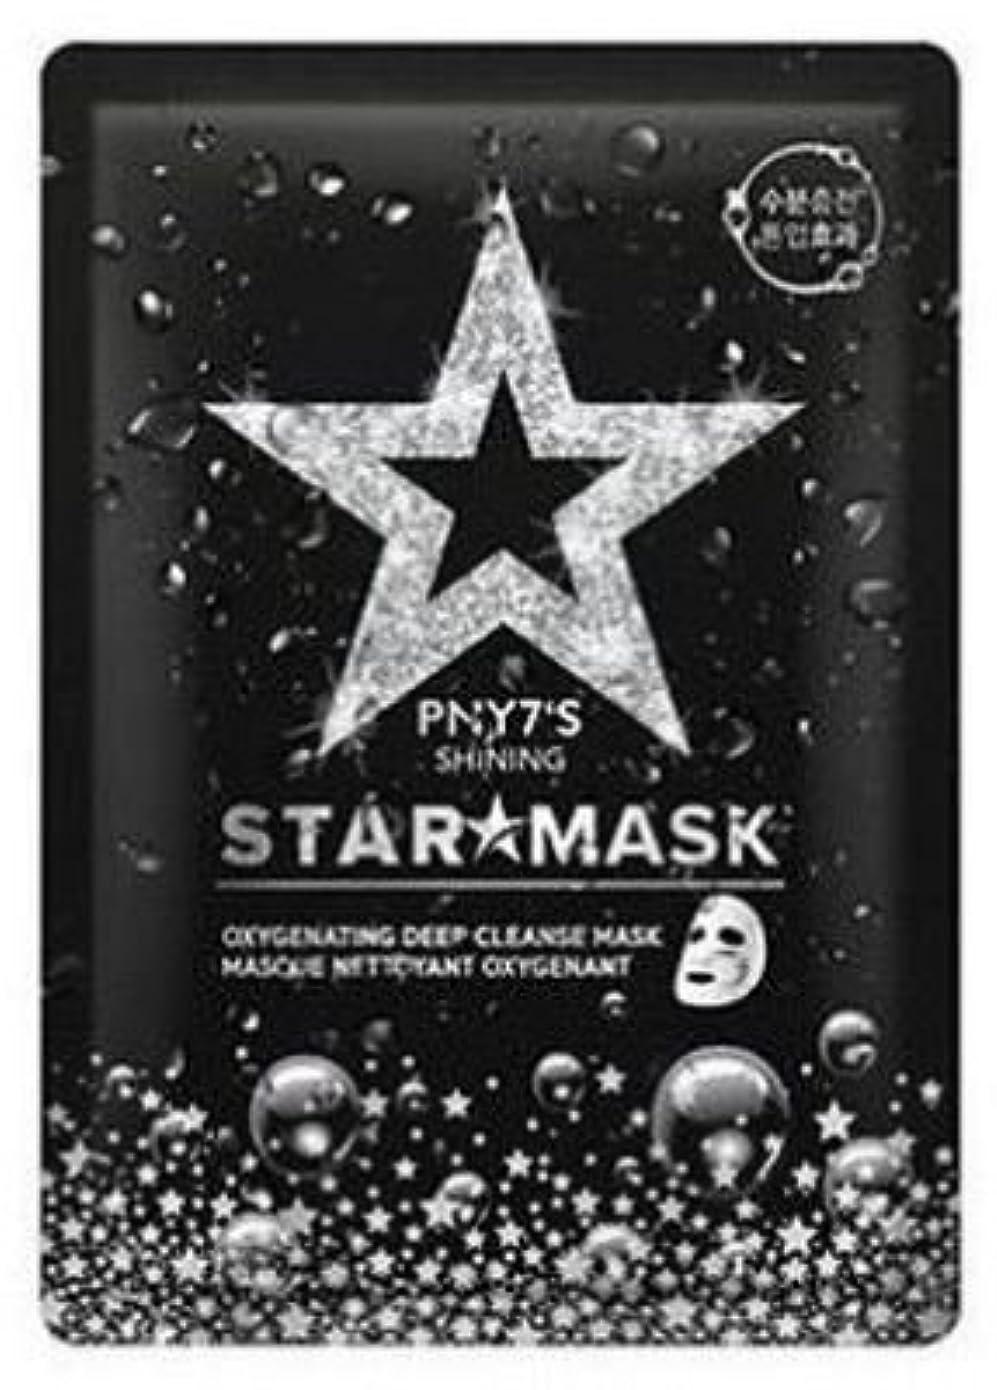 不定ホームレス男らしさ[PNY7'S] Shining Star mask 10ea/[PNY7'S]シャイニングスターマスク10枚 [並行輸入品]